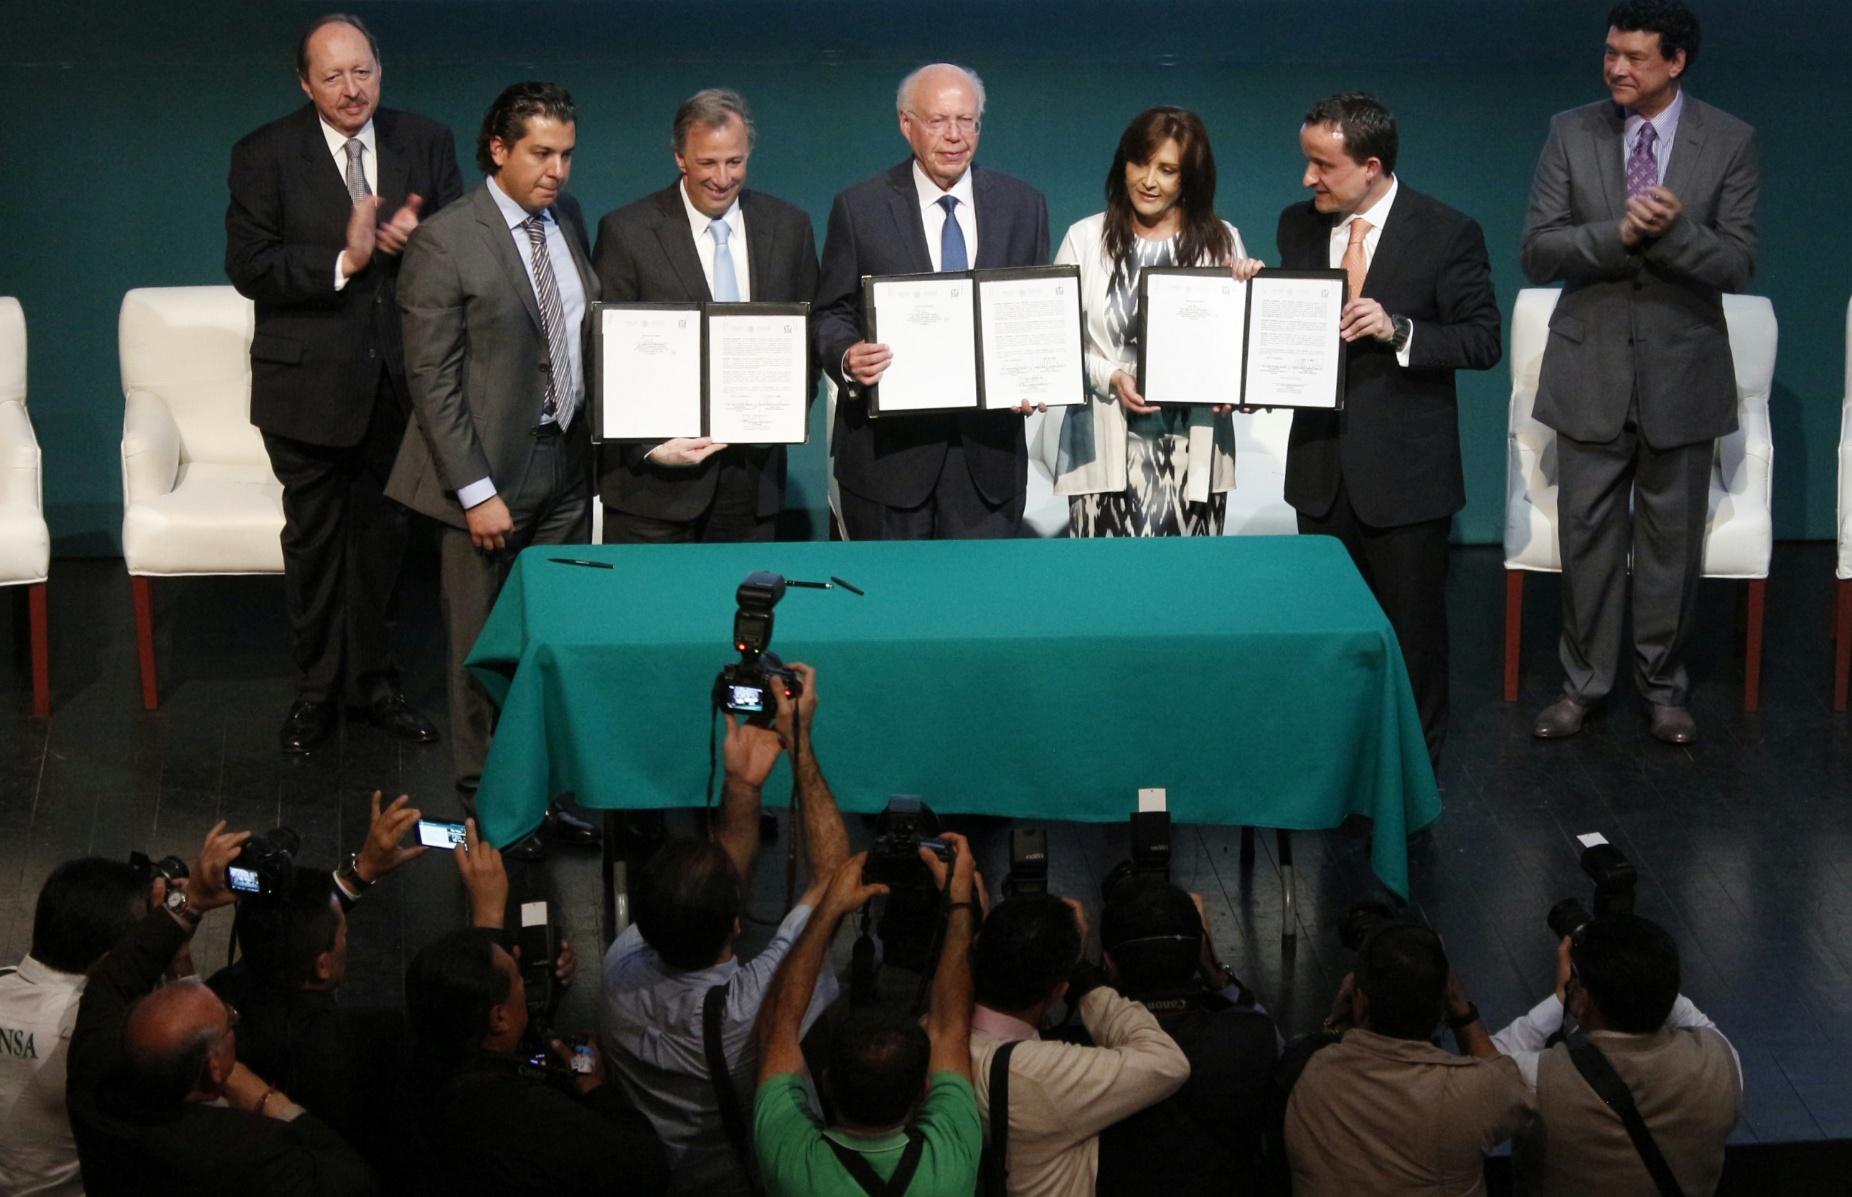 FOTO 3 Lanzamiento de la iniciativa  IMSS Digital para Todos .jpg